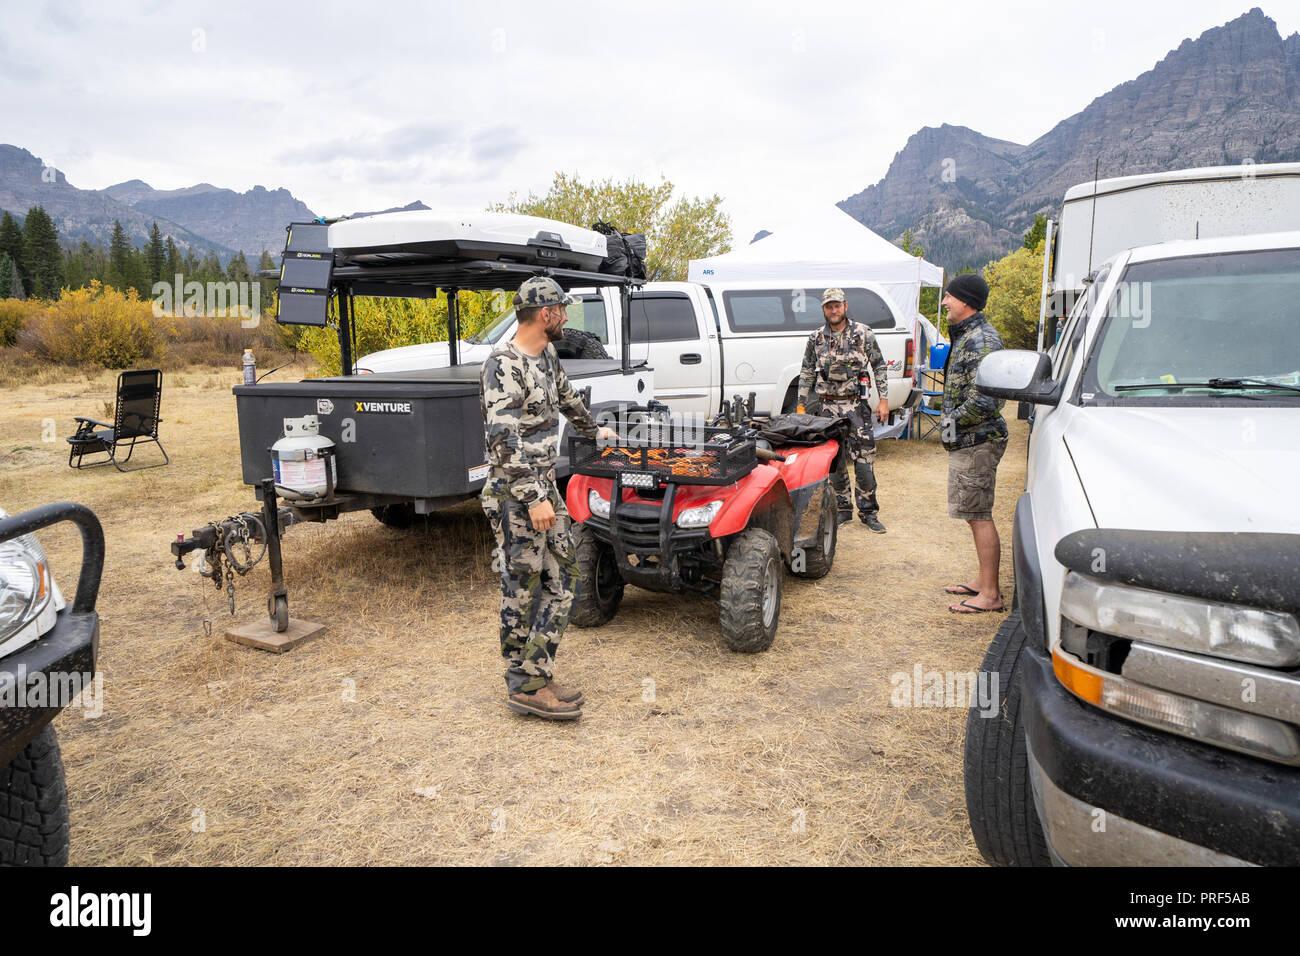 Les chasseurs mâles adultes se rassemblent autour de camp de base, de discuter de projets pour la journée. Les Camions et 4x4 roues dans la photo. Le port de camouflage Photo Stock